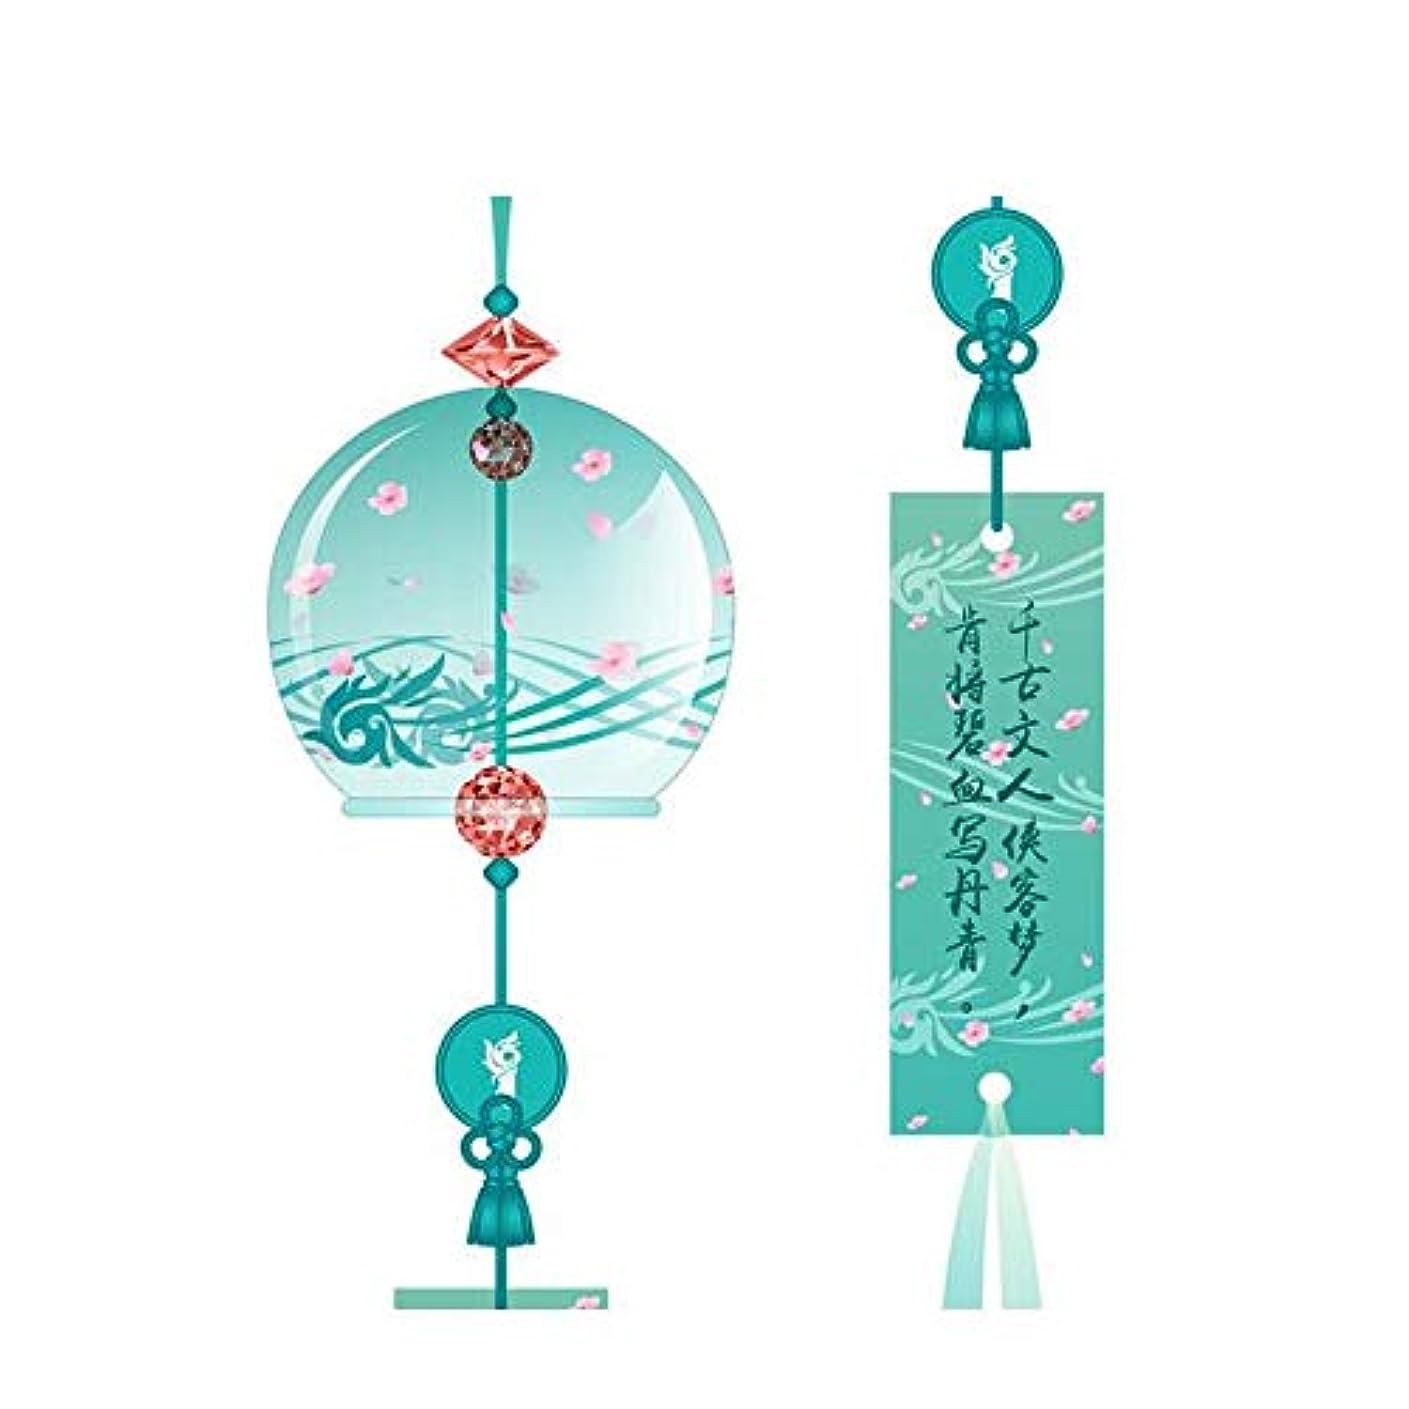 泣いているチェリー騙すFengshangshanghang 風チャイム、クリスタルクリアガラスの風チャイム、グリーン、全身について31センチメートル,家の装飾 (Color : Green)